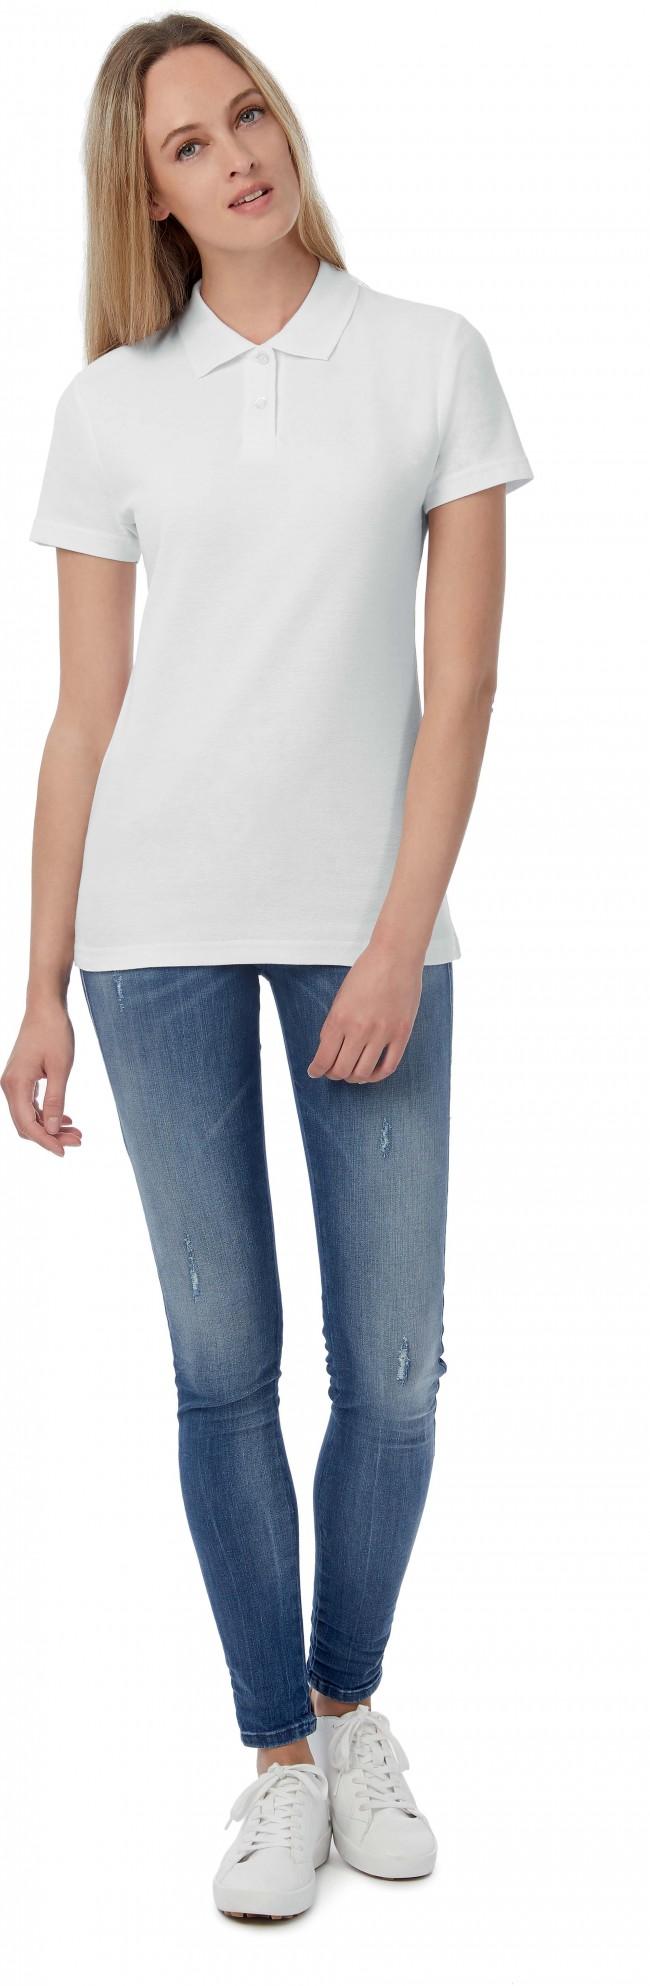 Polo femme manches courtes ID.001 PWI11 - White en vente chez Textile Direct